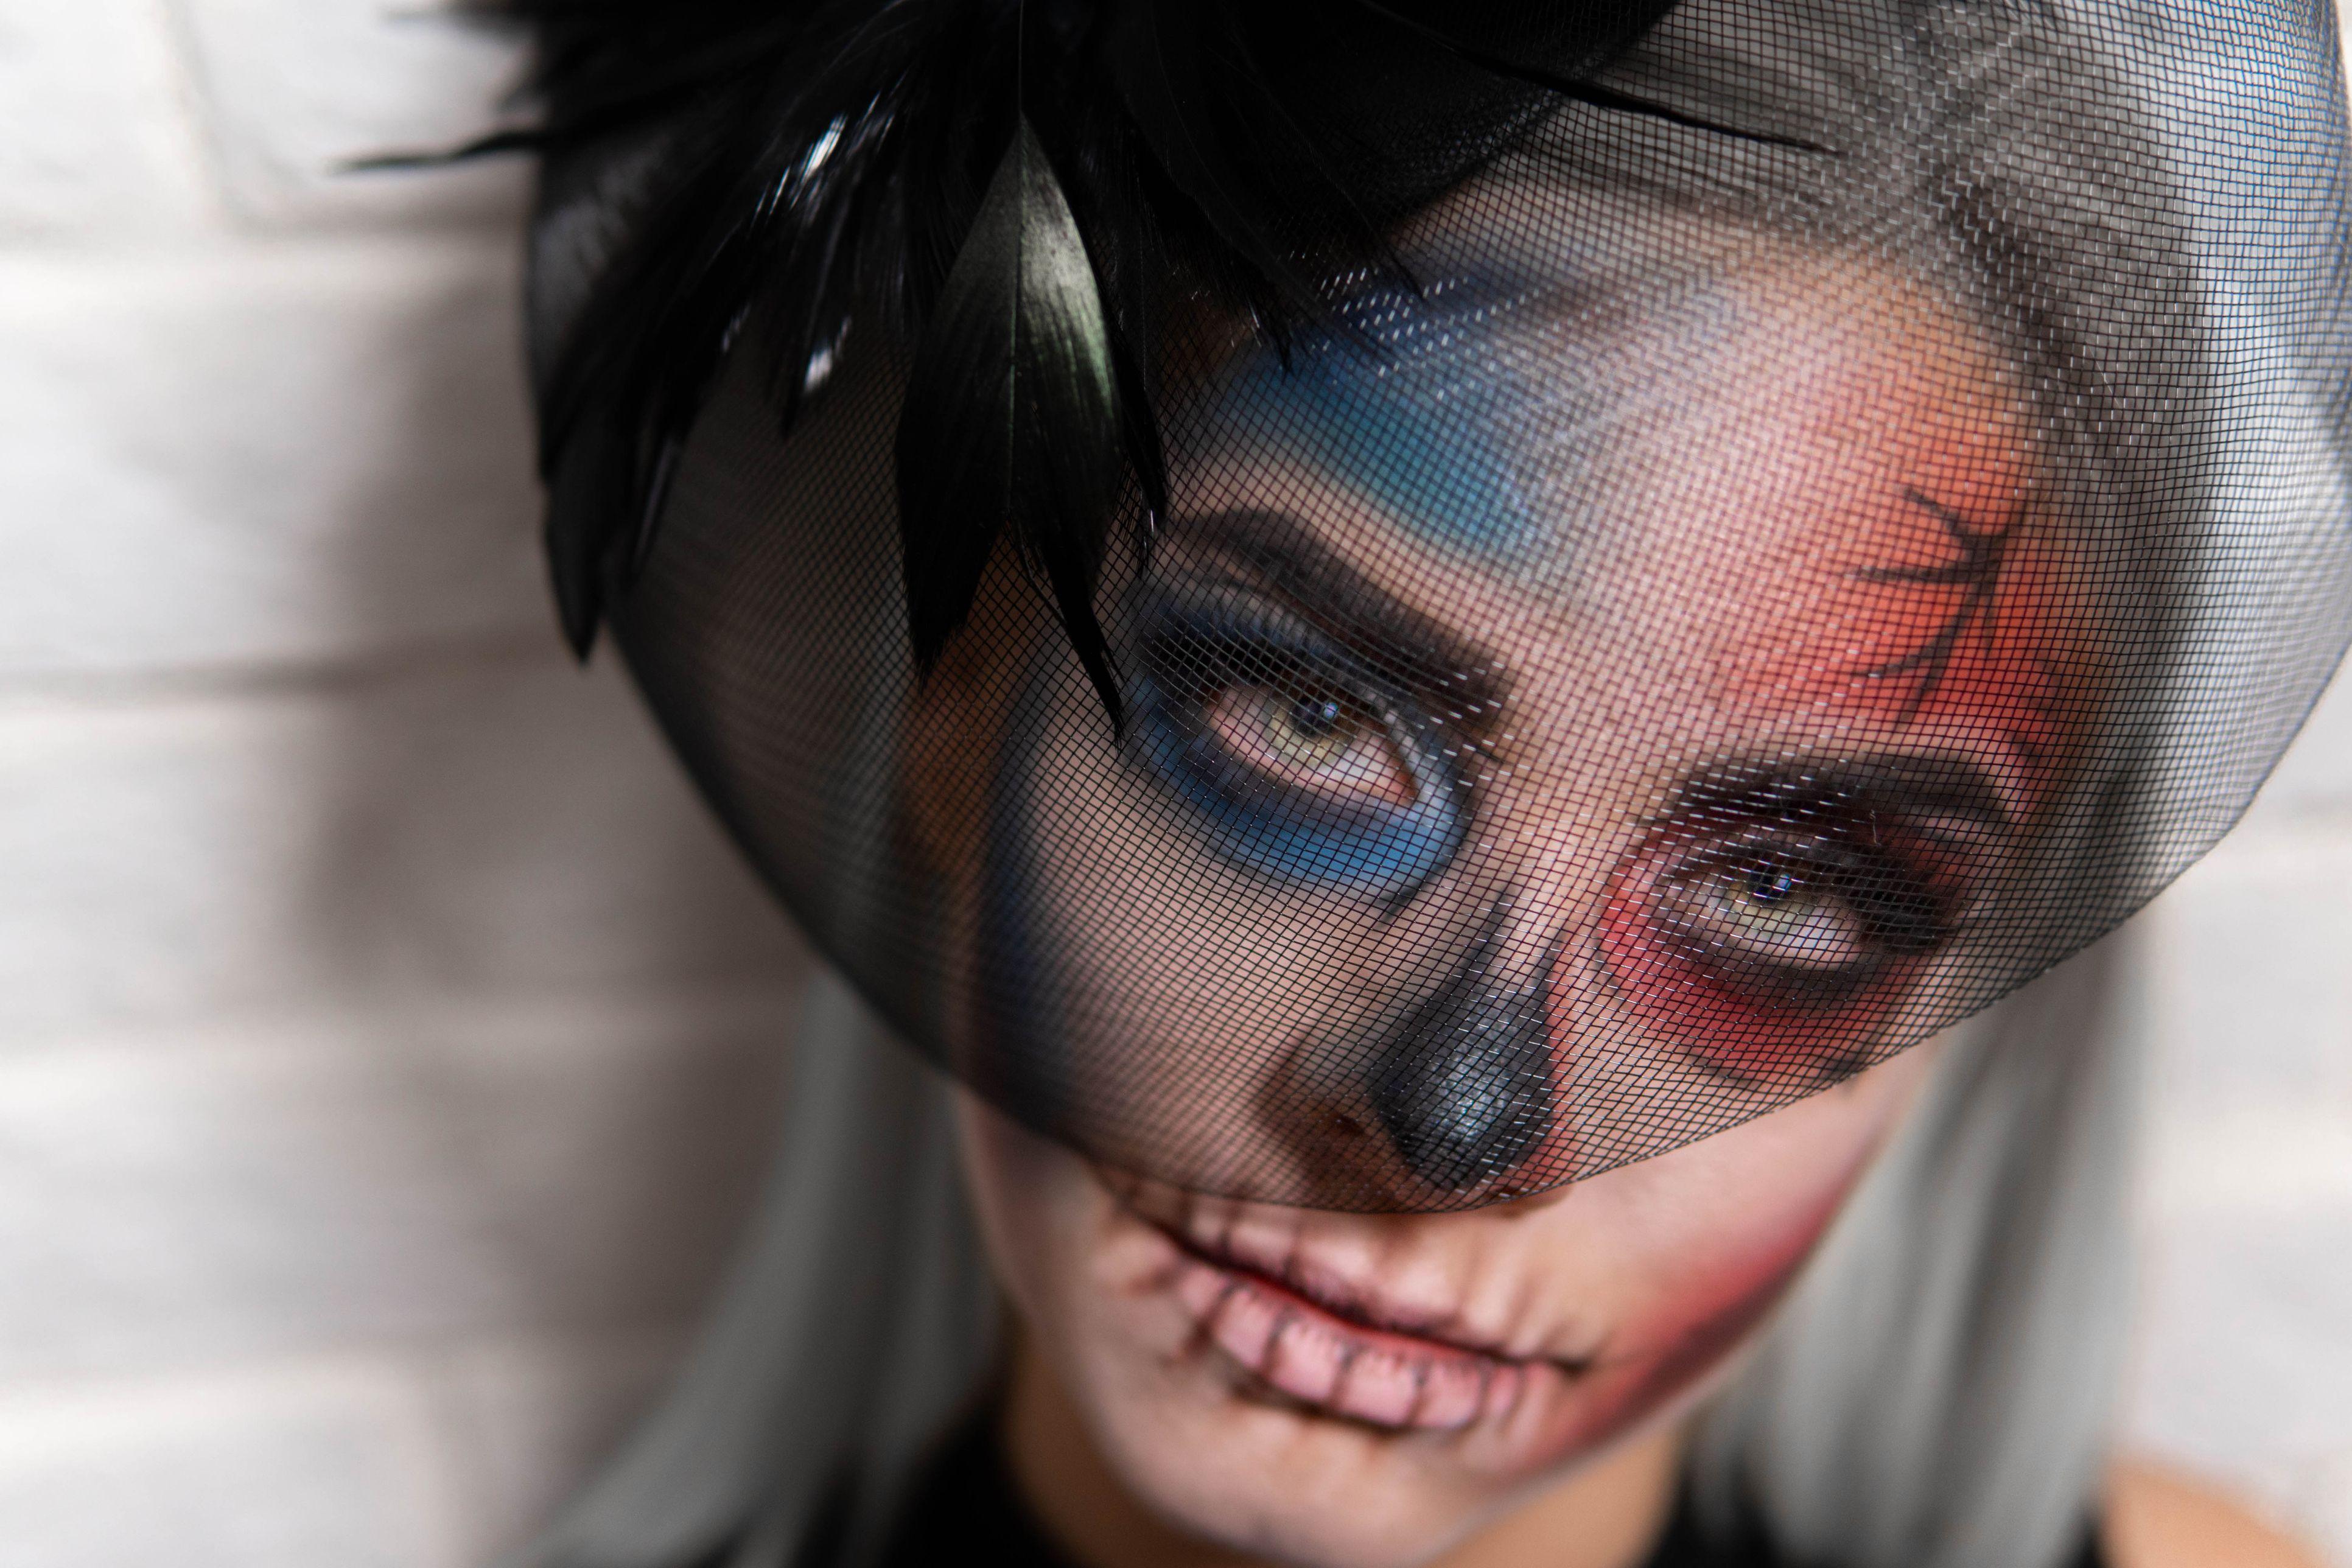 30 Easy Halloween Makeup Ideas 2021 - Makeup Tutorials for Halloween